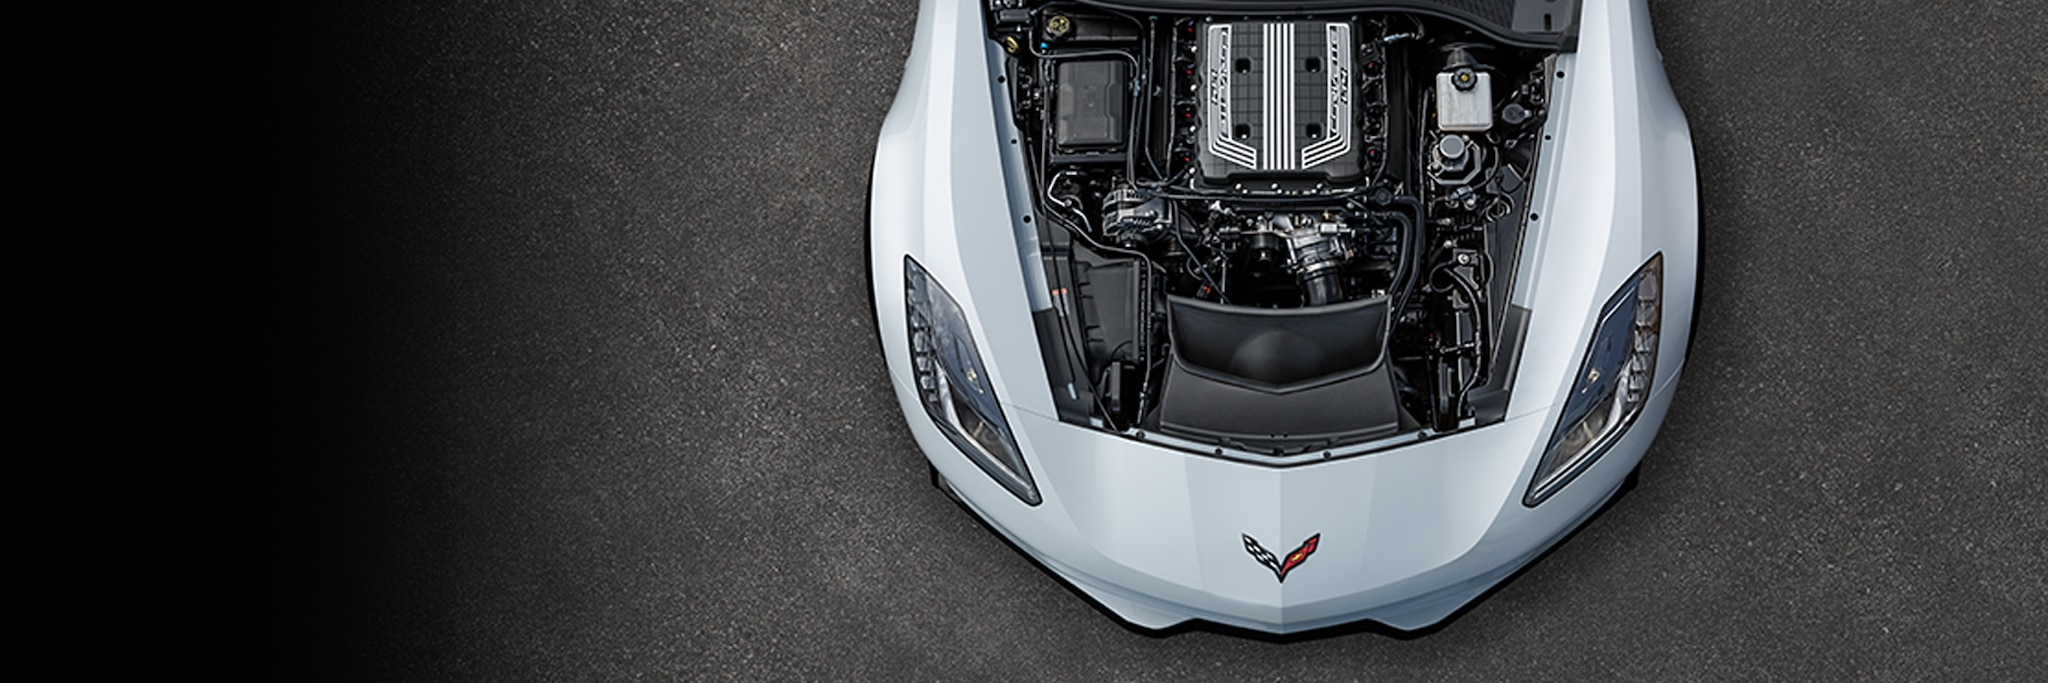 Desempeño del superauto Corvette Z06 2019: motor